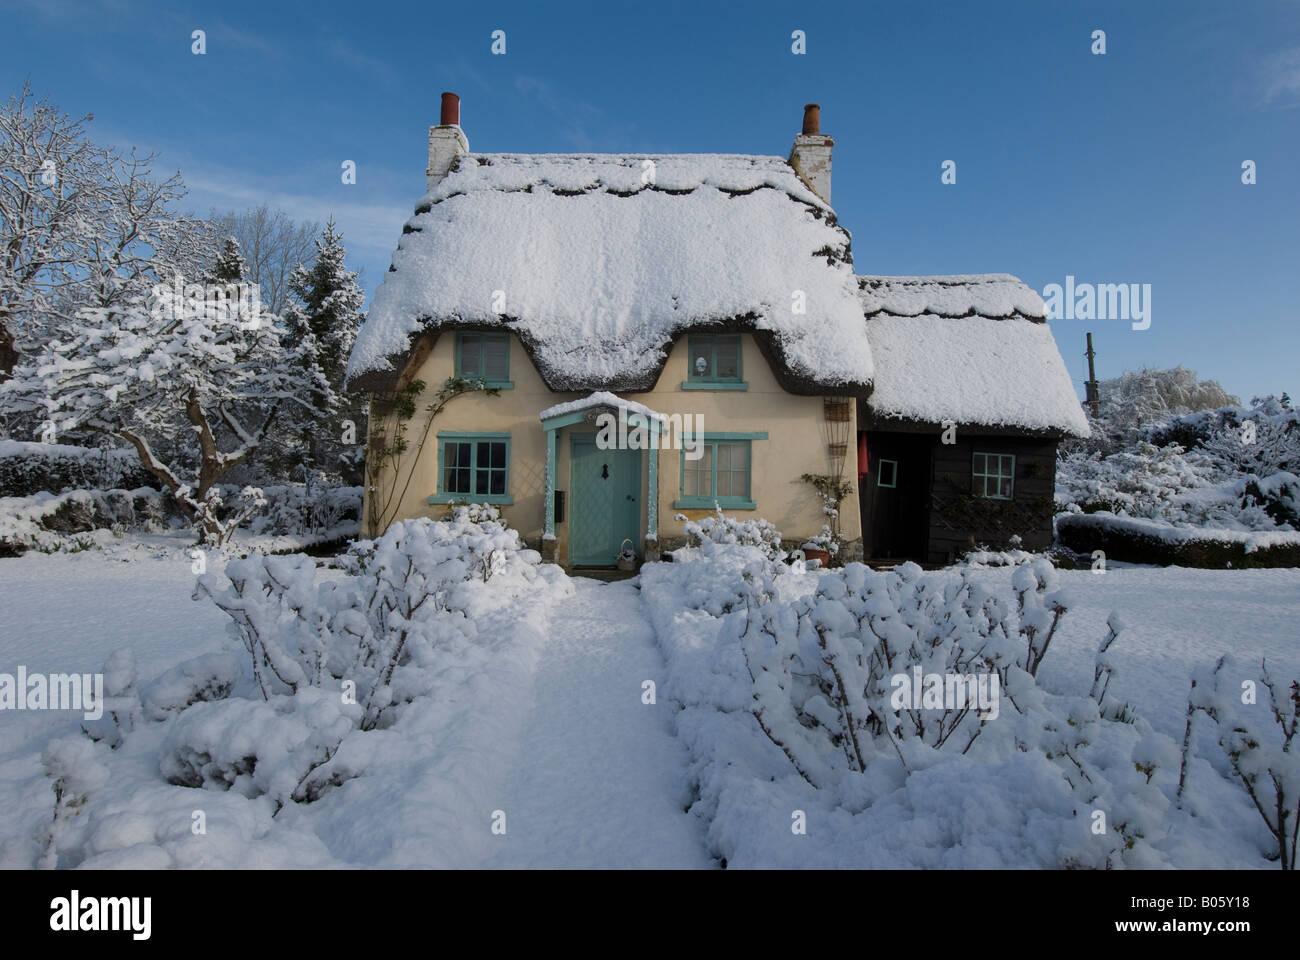 Un cottage con tetto di paglia su una soleggiata giornata nevosa, Warwickshire, Inghilterra, Regno Unito. Foto Stock